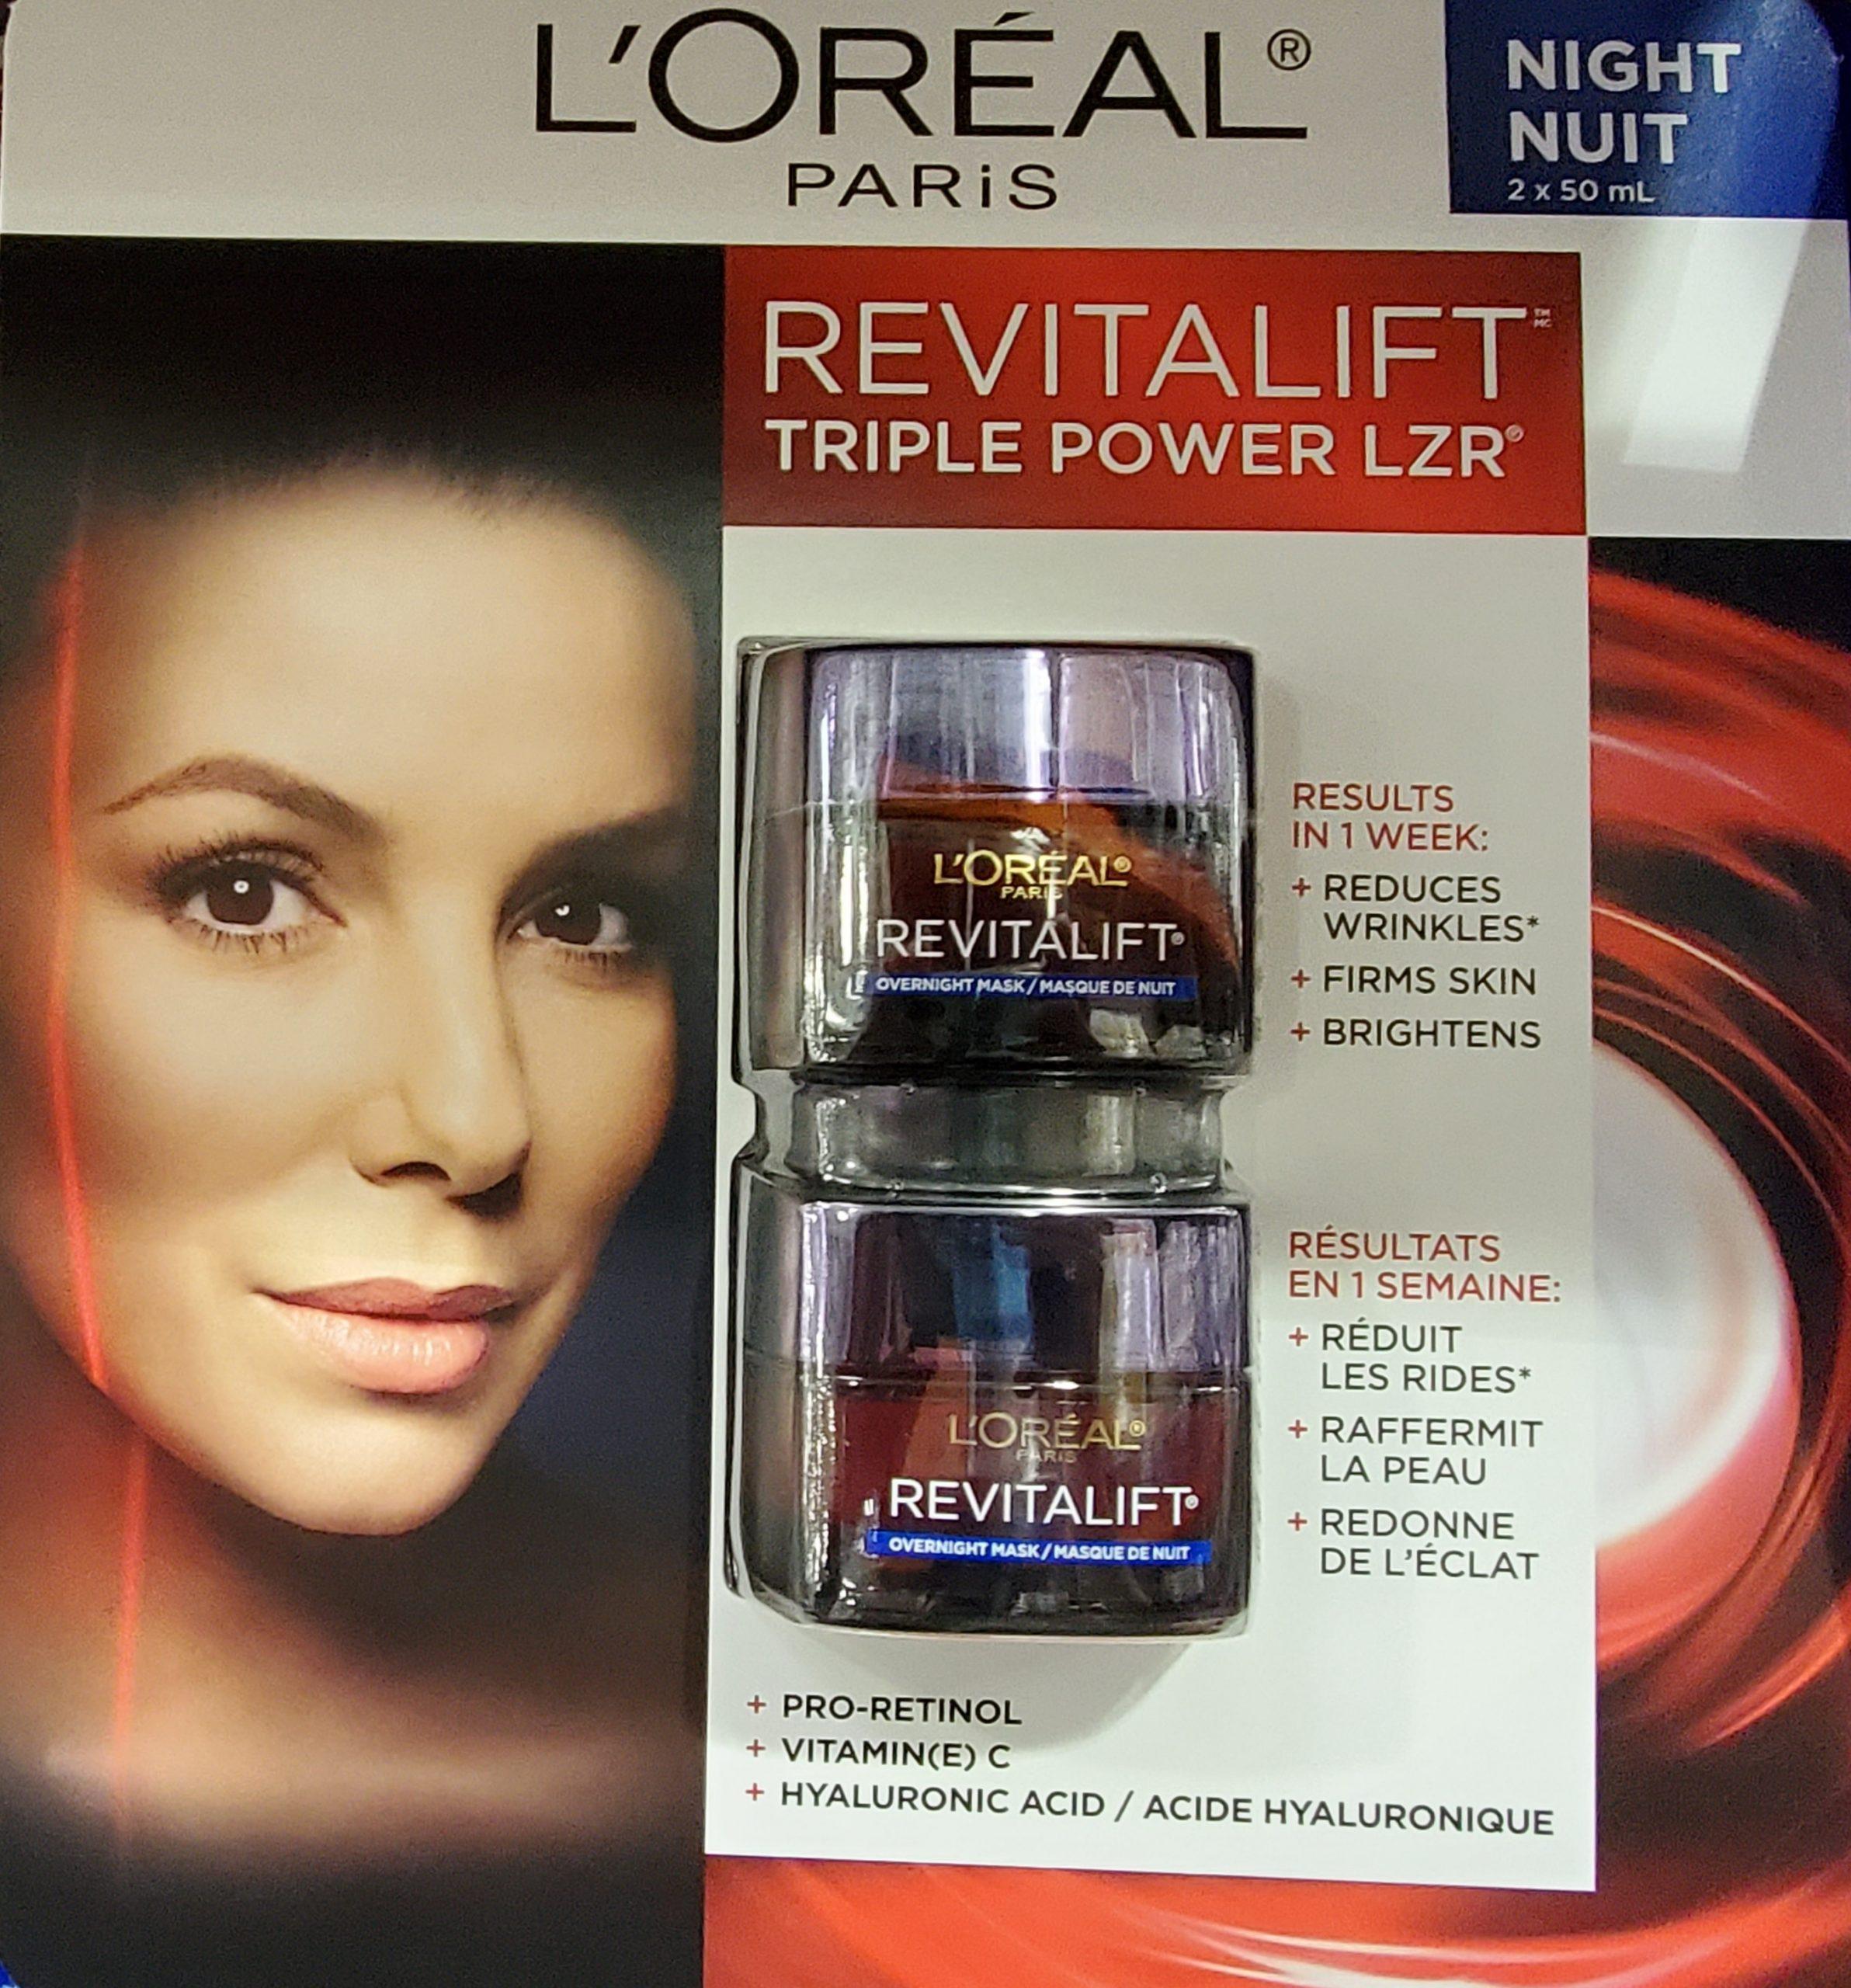 L'Oréal Revitalift Triple Power LZR Day Moisturizer